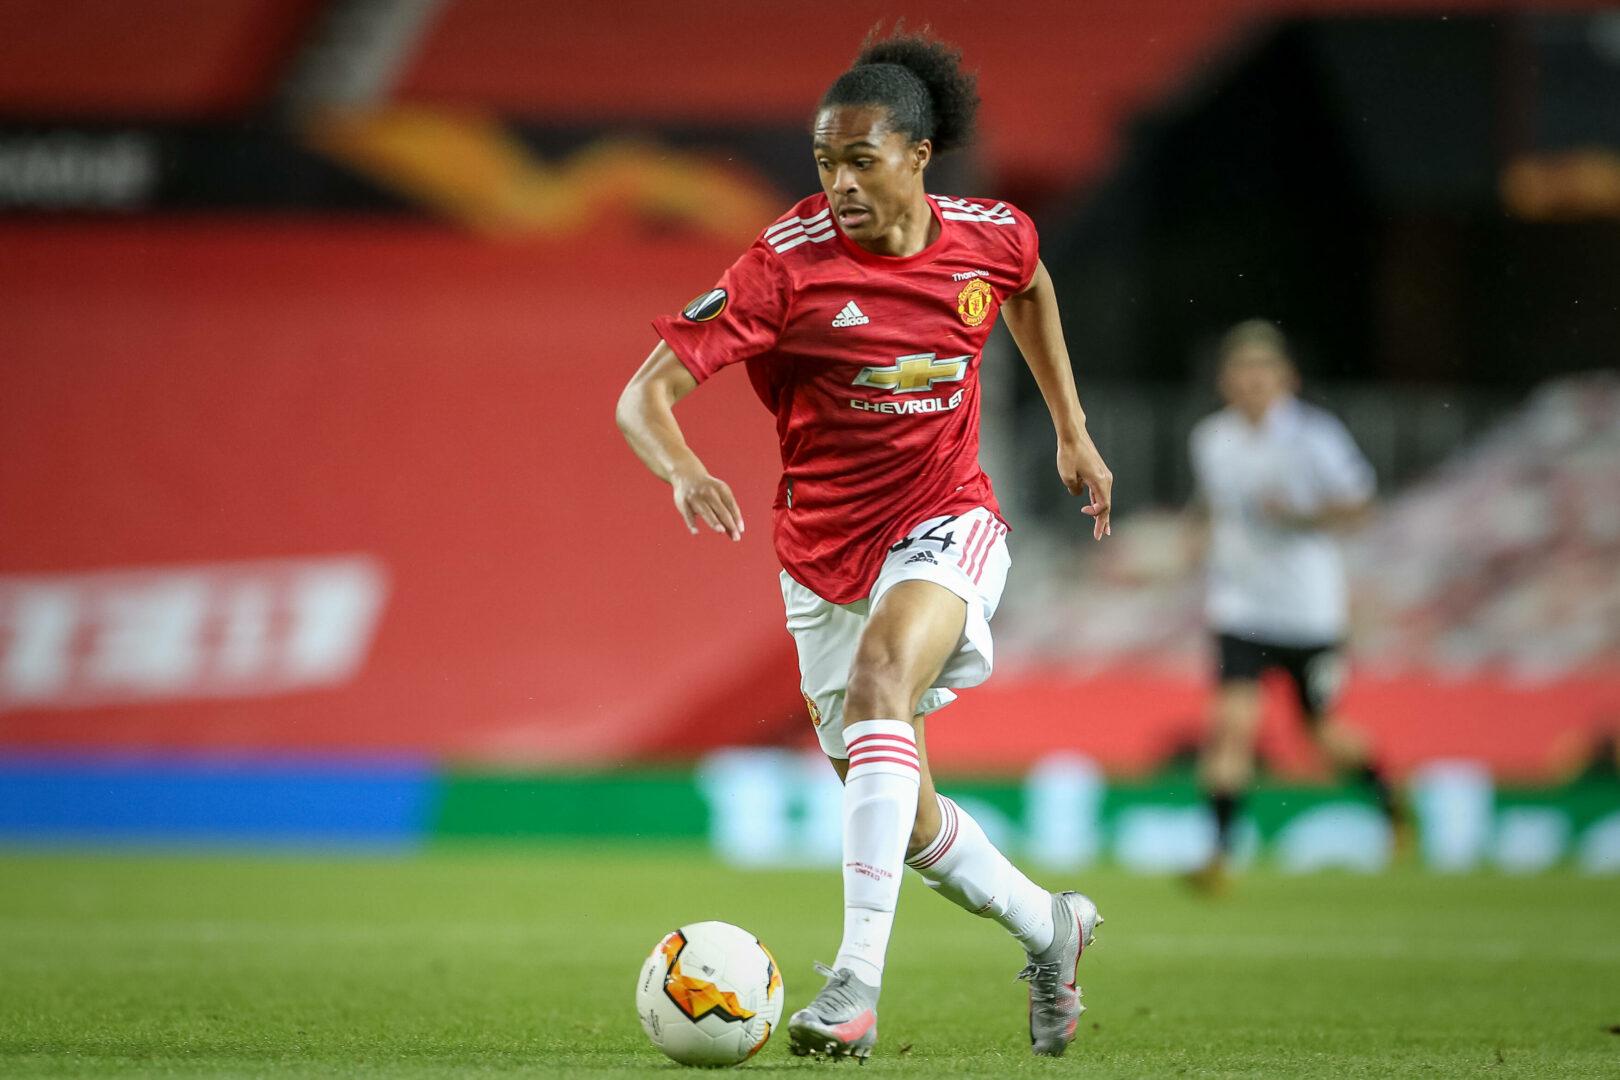 Manchester United | Chong wird nach Birmingham verliehen